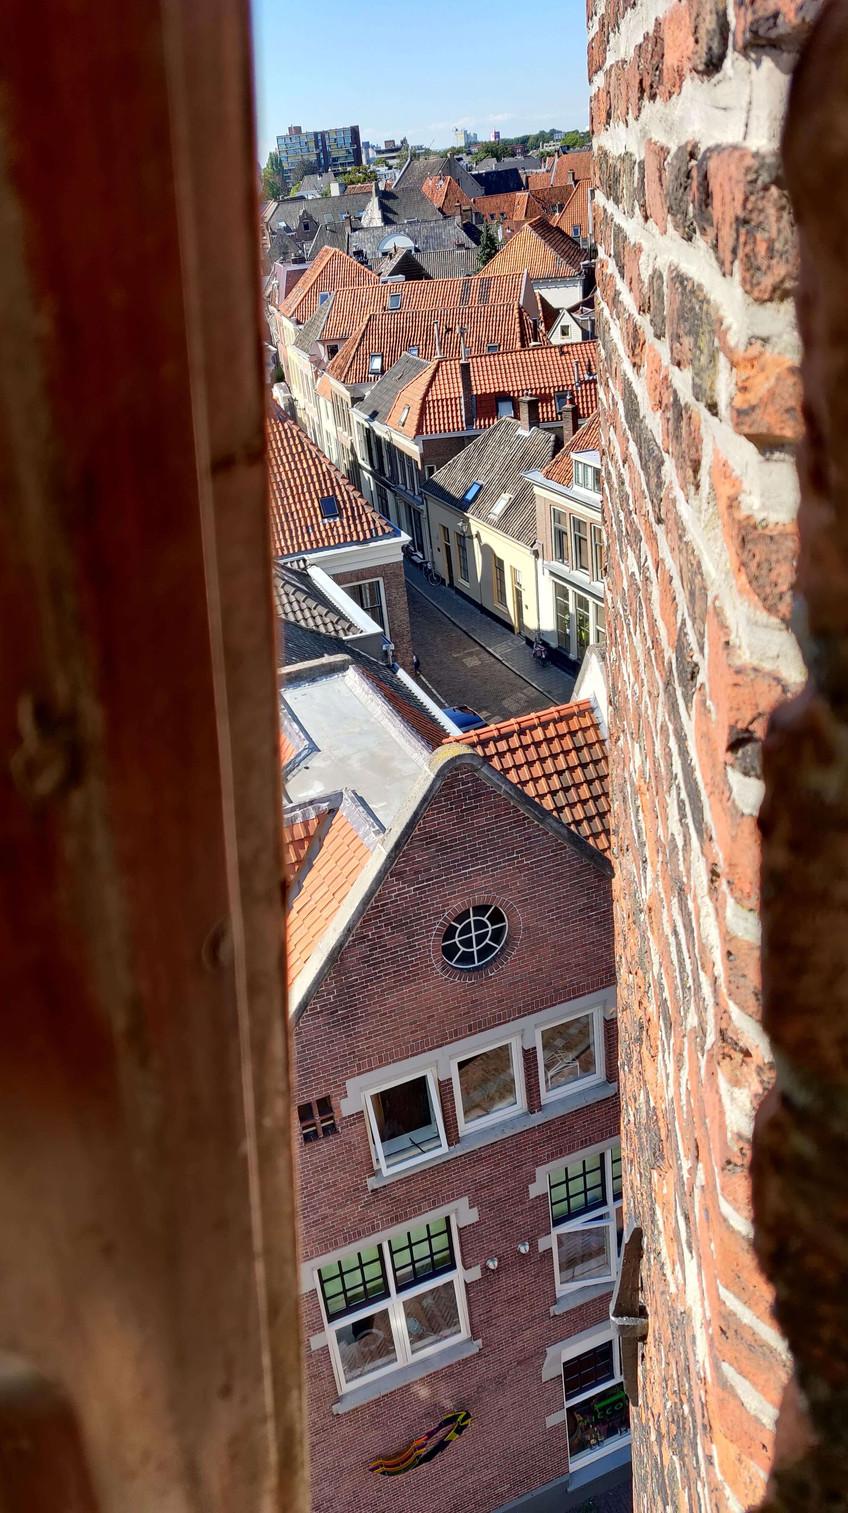 נוף העיר מבעד לחלון הצר